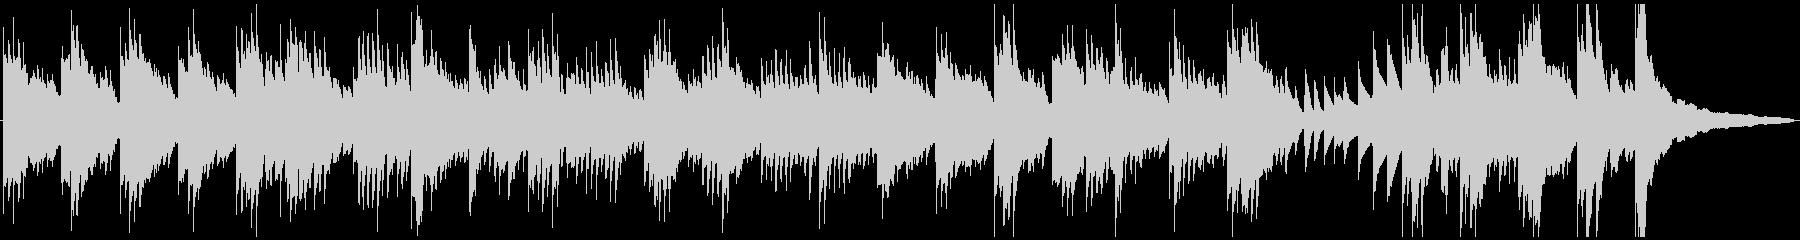 有名バッハチェロ曲をギターとピアノにの未再生の波形